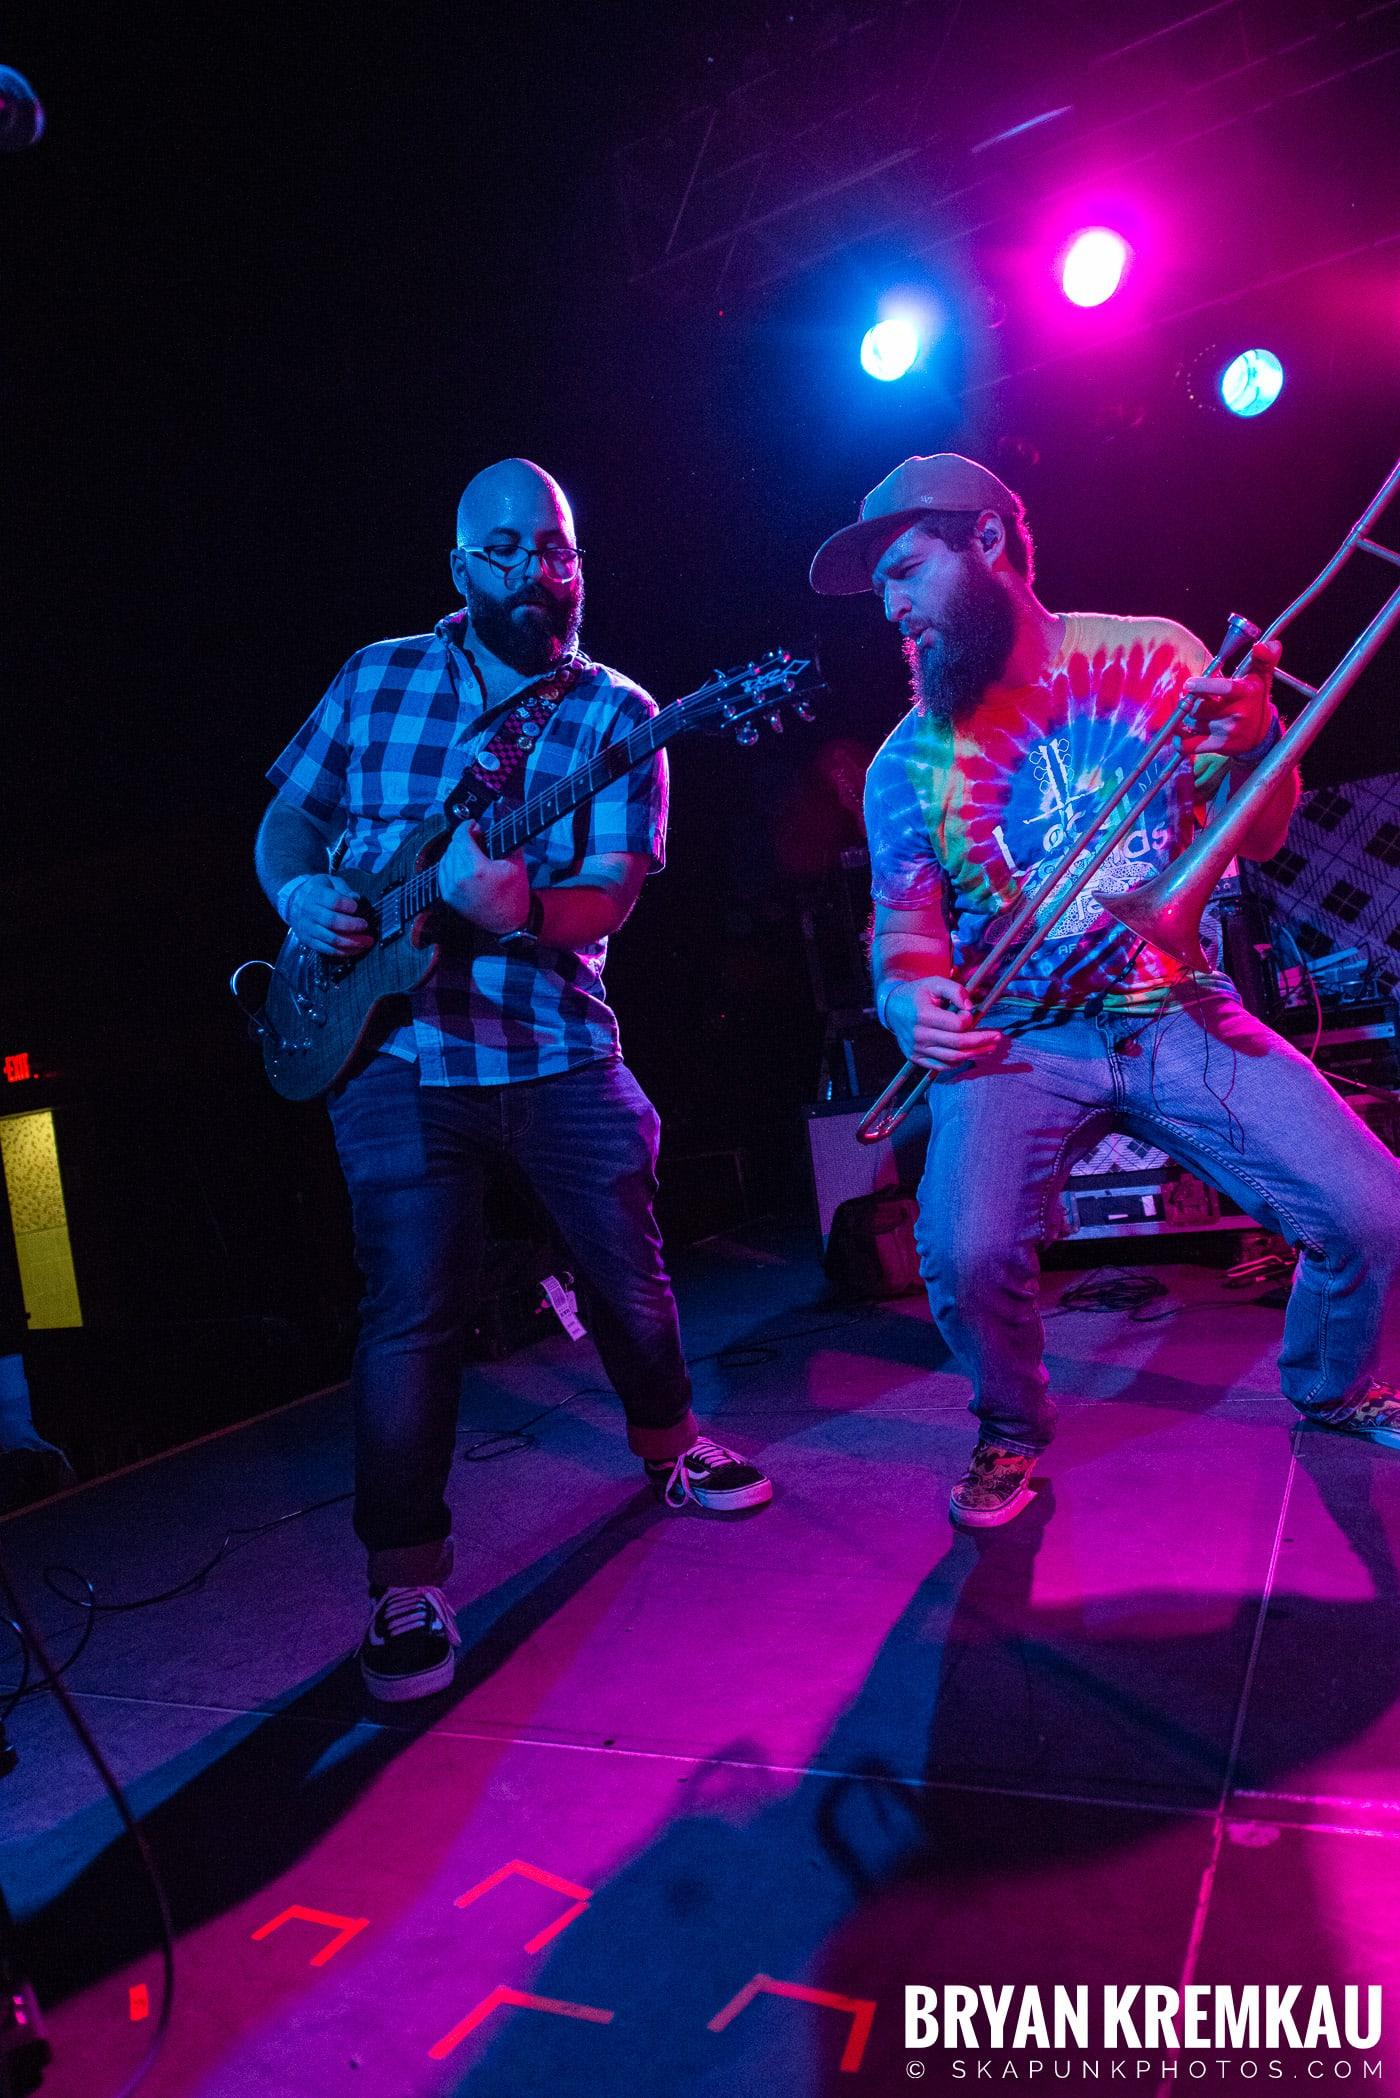 Backyard Superheroes @ Skanksgiving, Starland Ballroom, Sayreville, NJ - 11.30.19 (4)